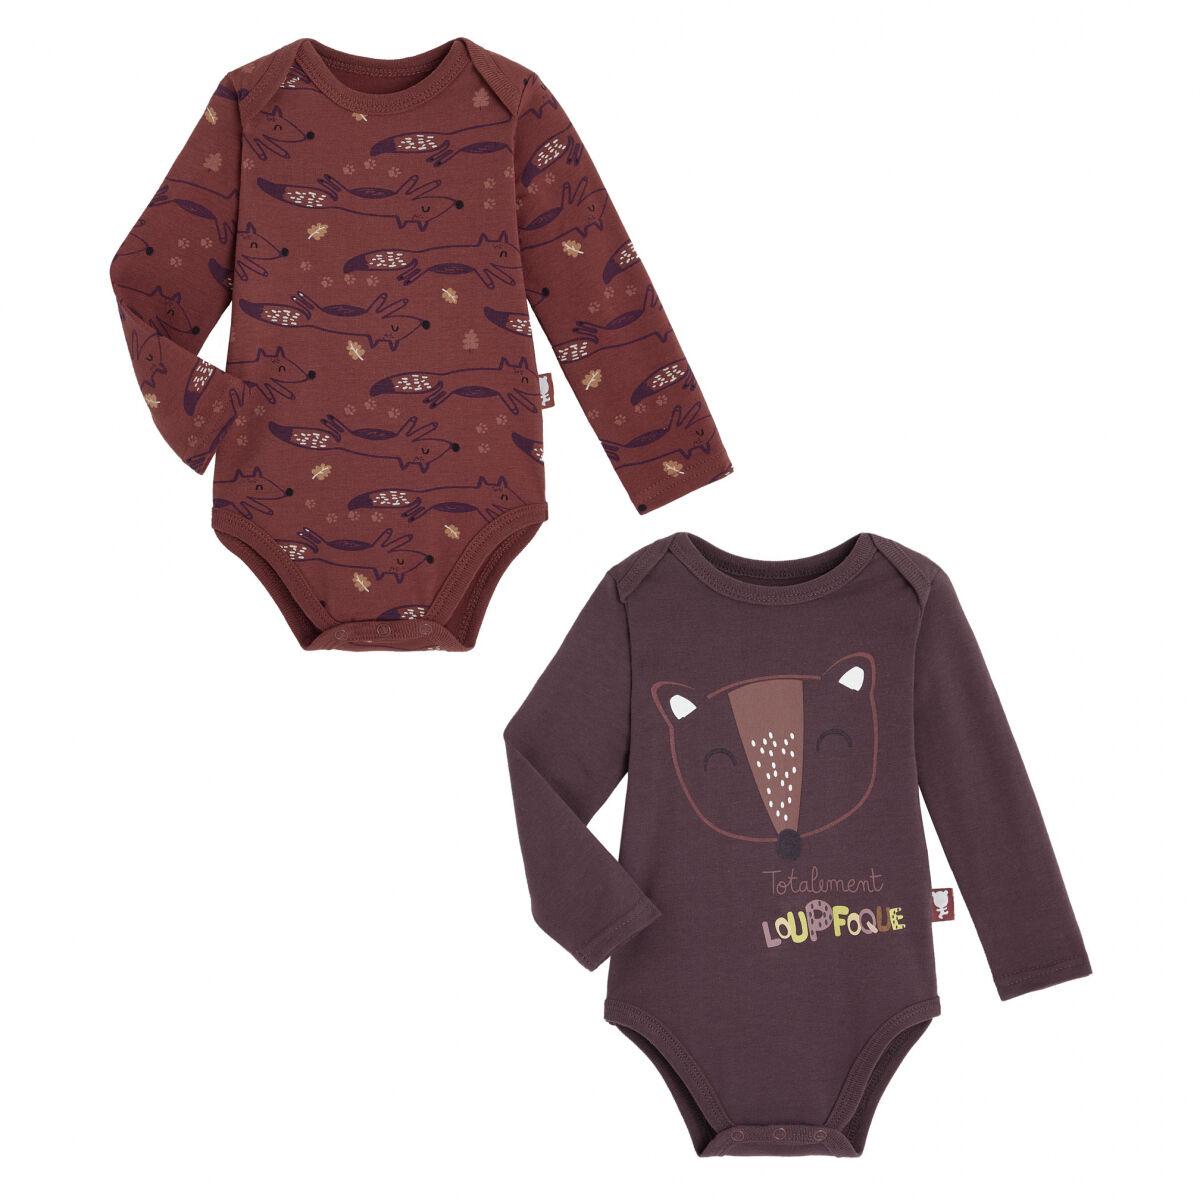 Petit Béguin Lot de 2 bodies bébé garçon manches longues contenant du coton bio Loupfoque - Taille - 3 mois